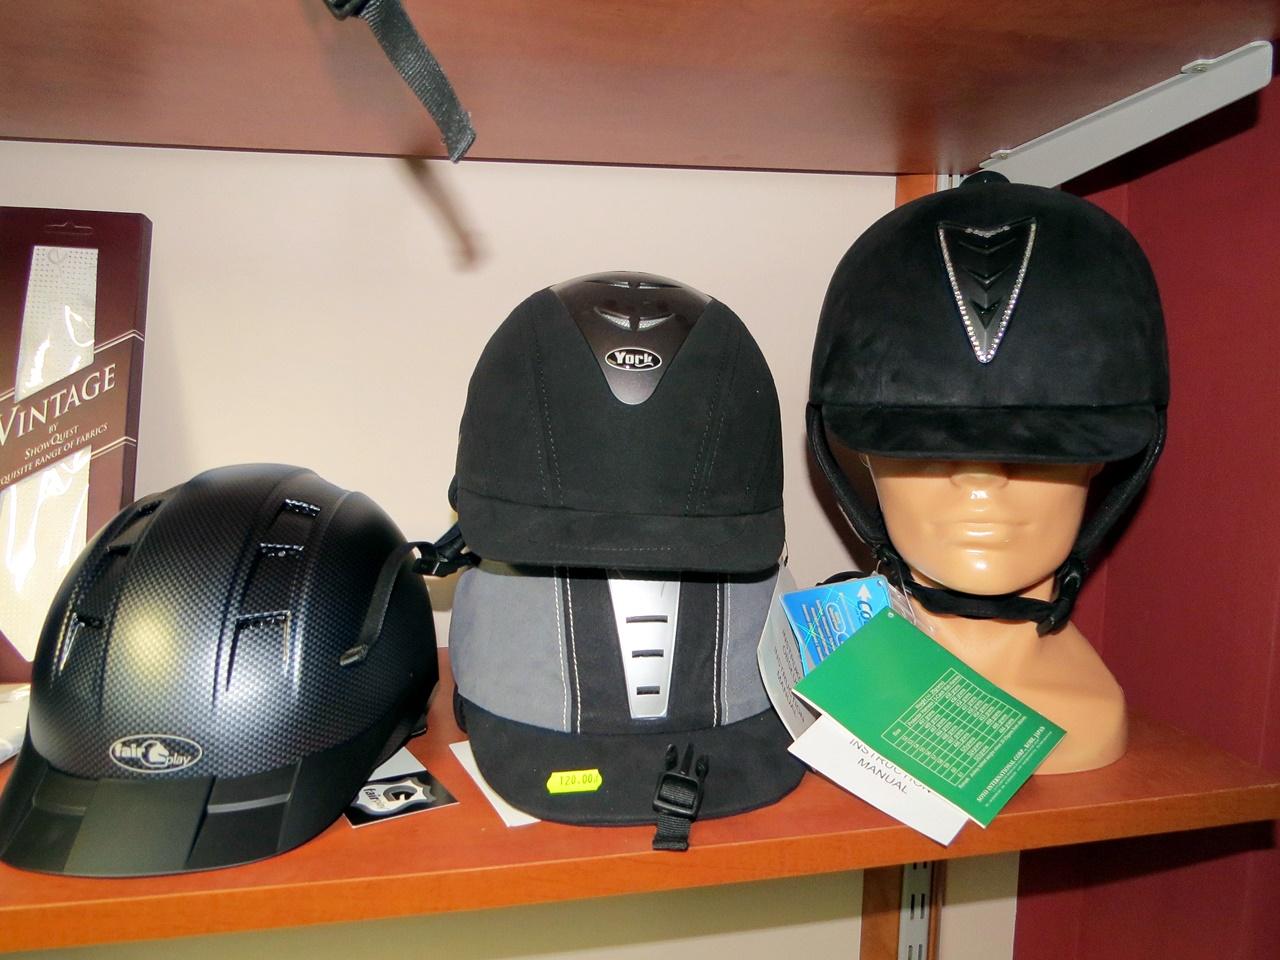 sklep-jeździecki-profit-6